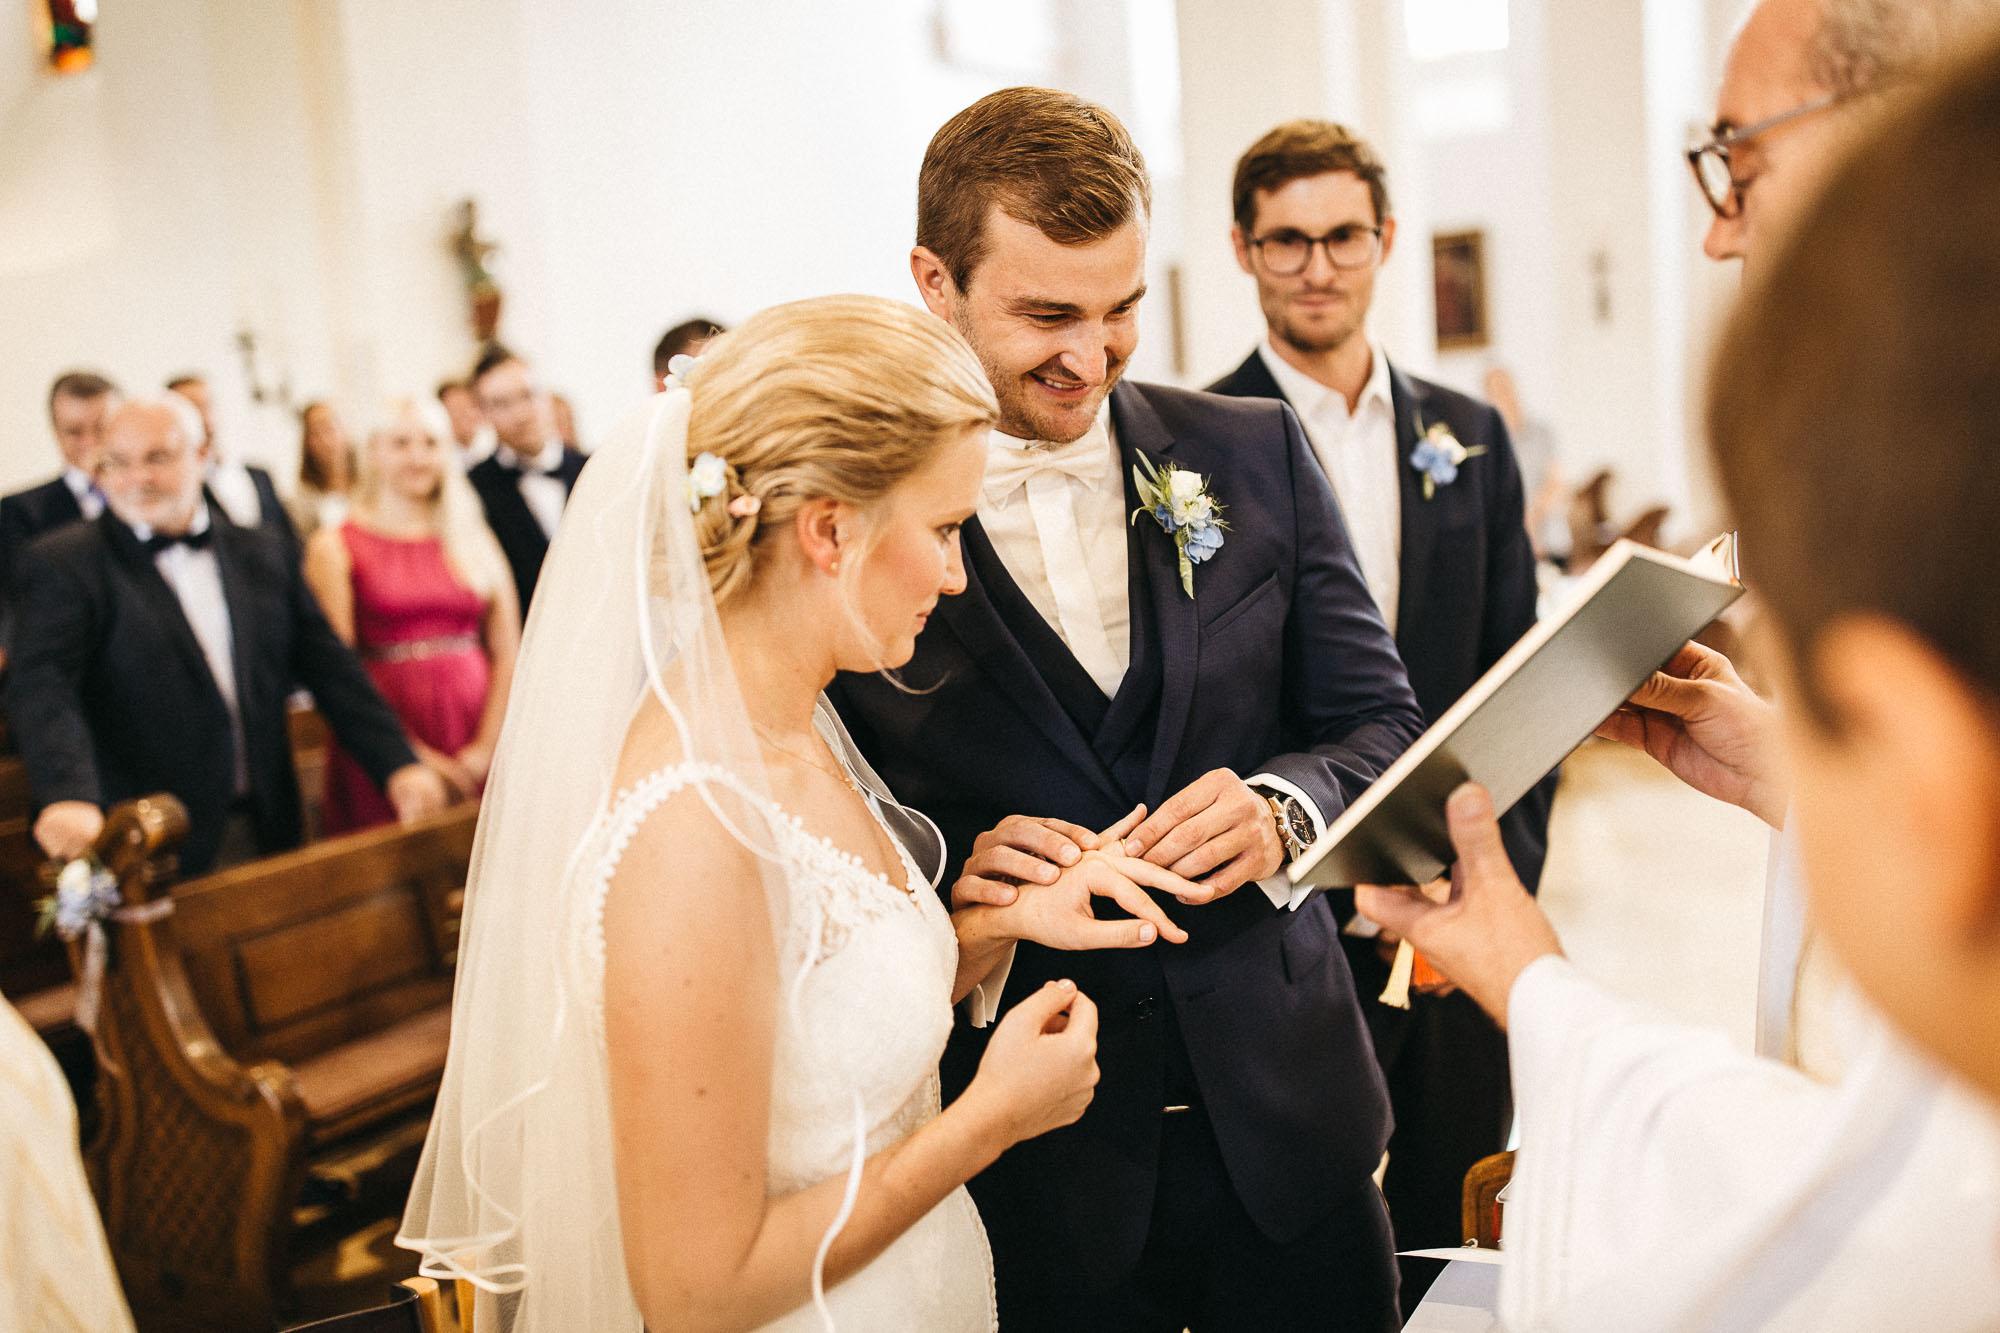 raissa simon photography wedding mosel kloster machern love authentic 190 - Kathrin + Dominik